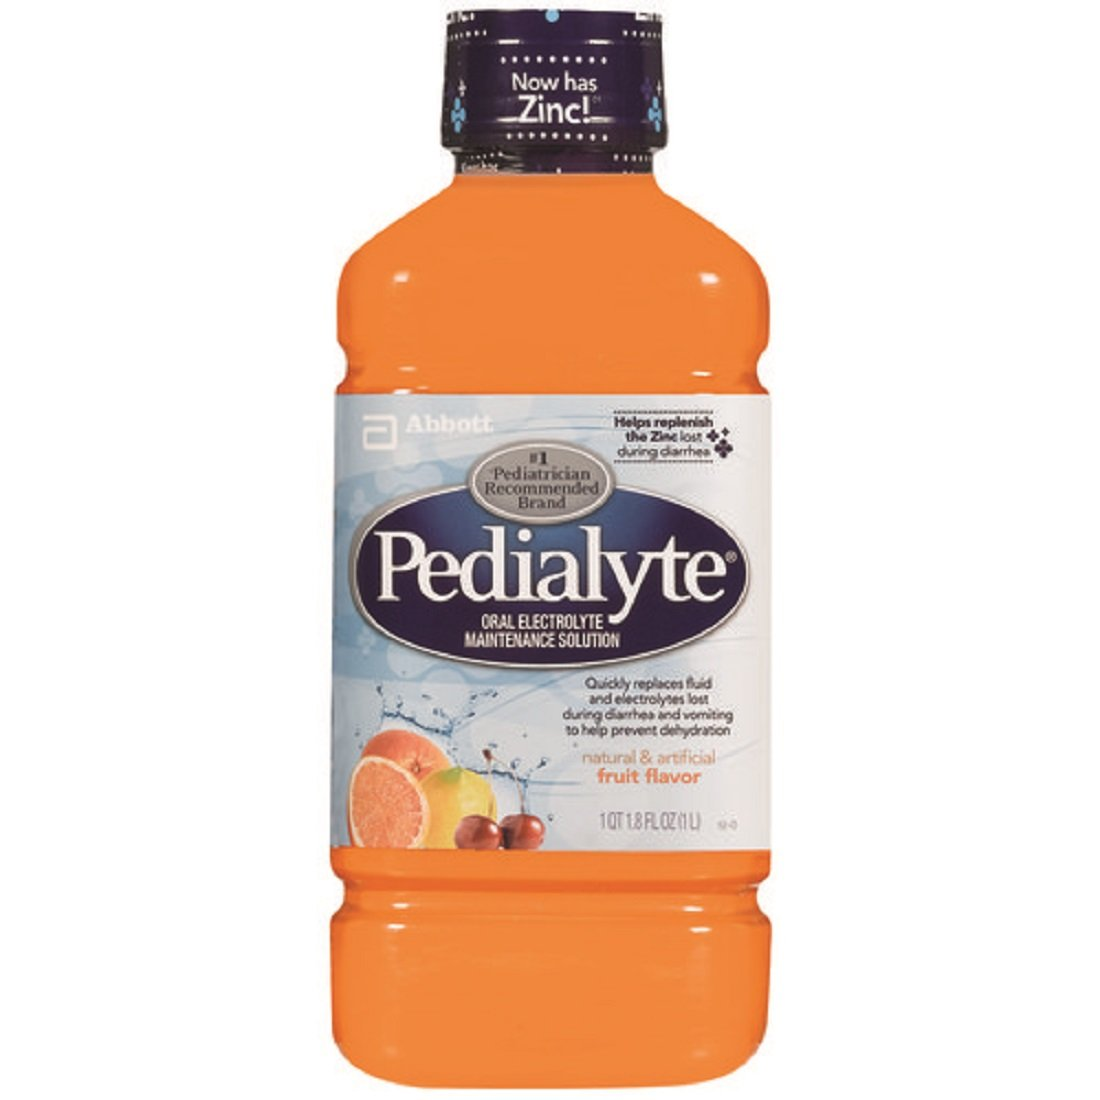 Abbott Nutrition - Pedialyte RTF, Retail 1 Liter Bottle, Fruit Flavored